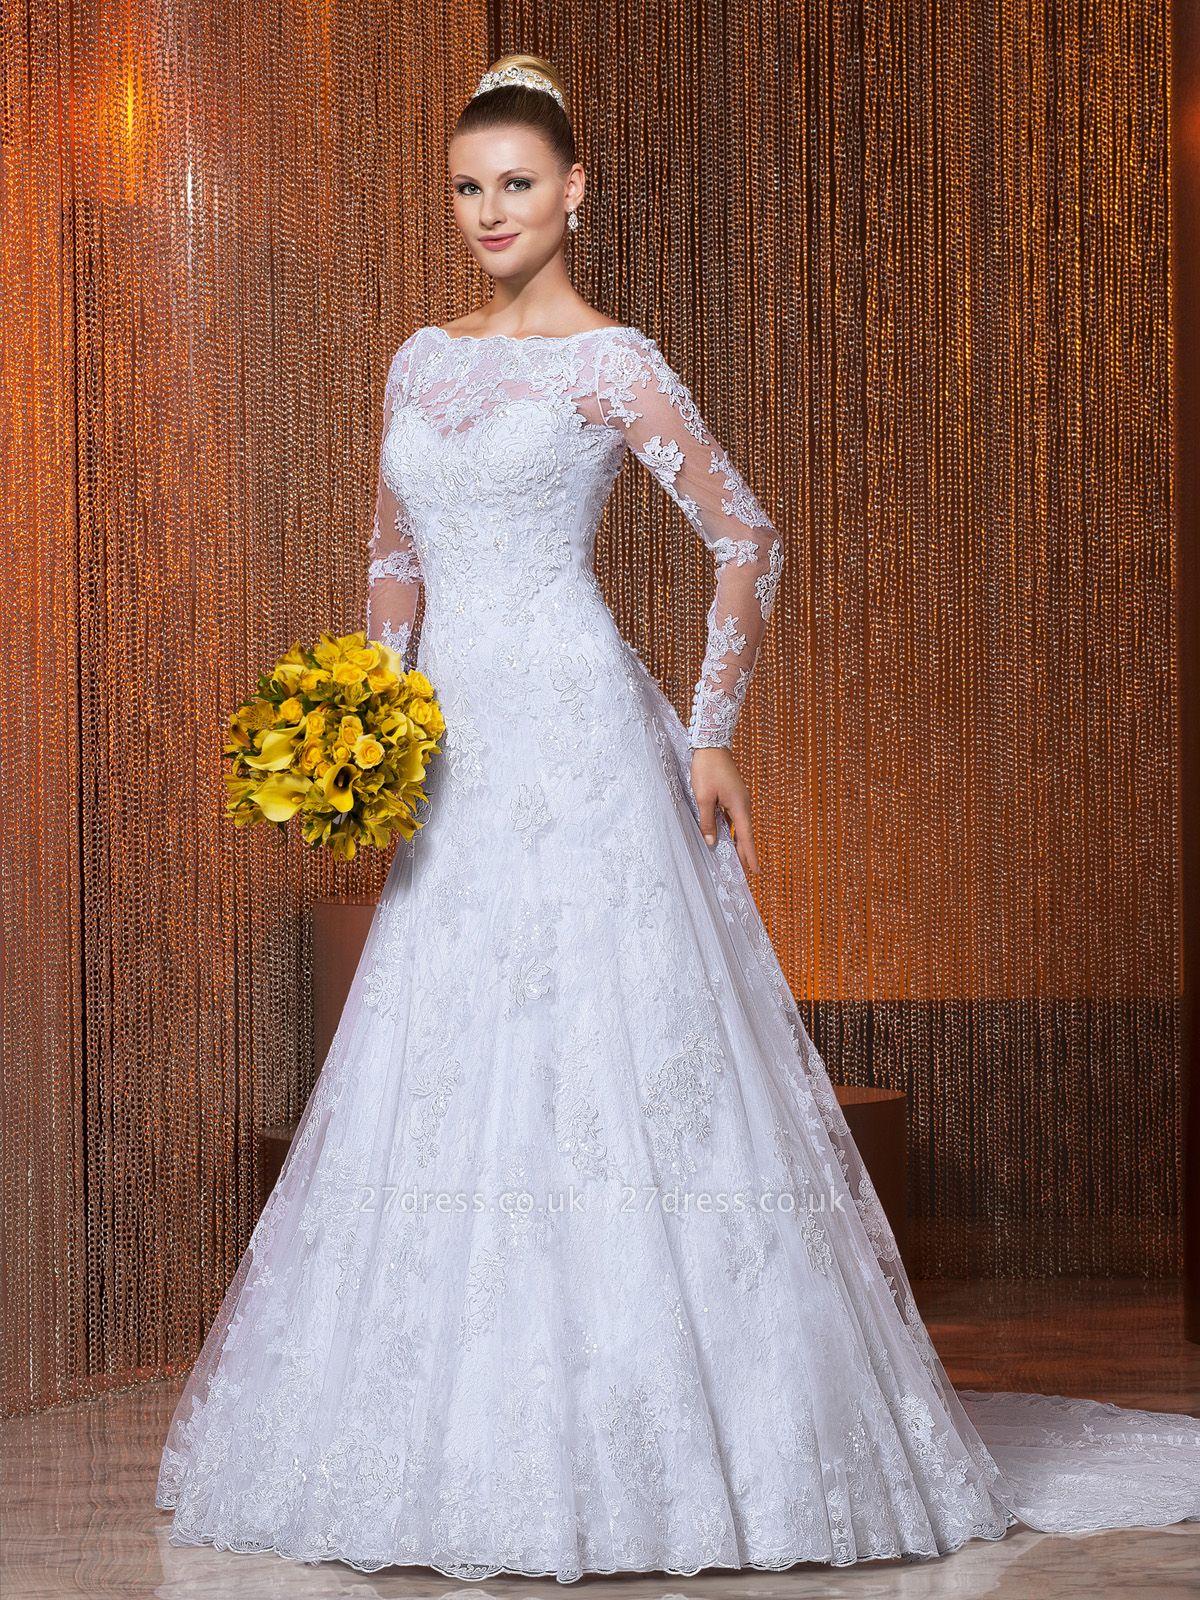 Elegant Illusion Tulle Lace Appliques Wedding Dress Zipper Button Back